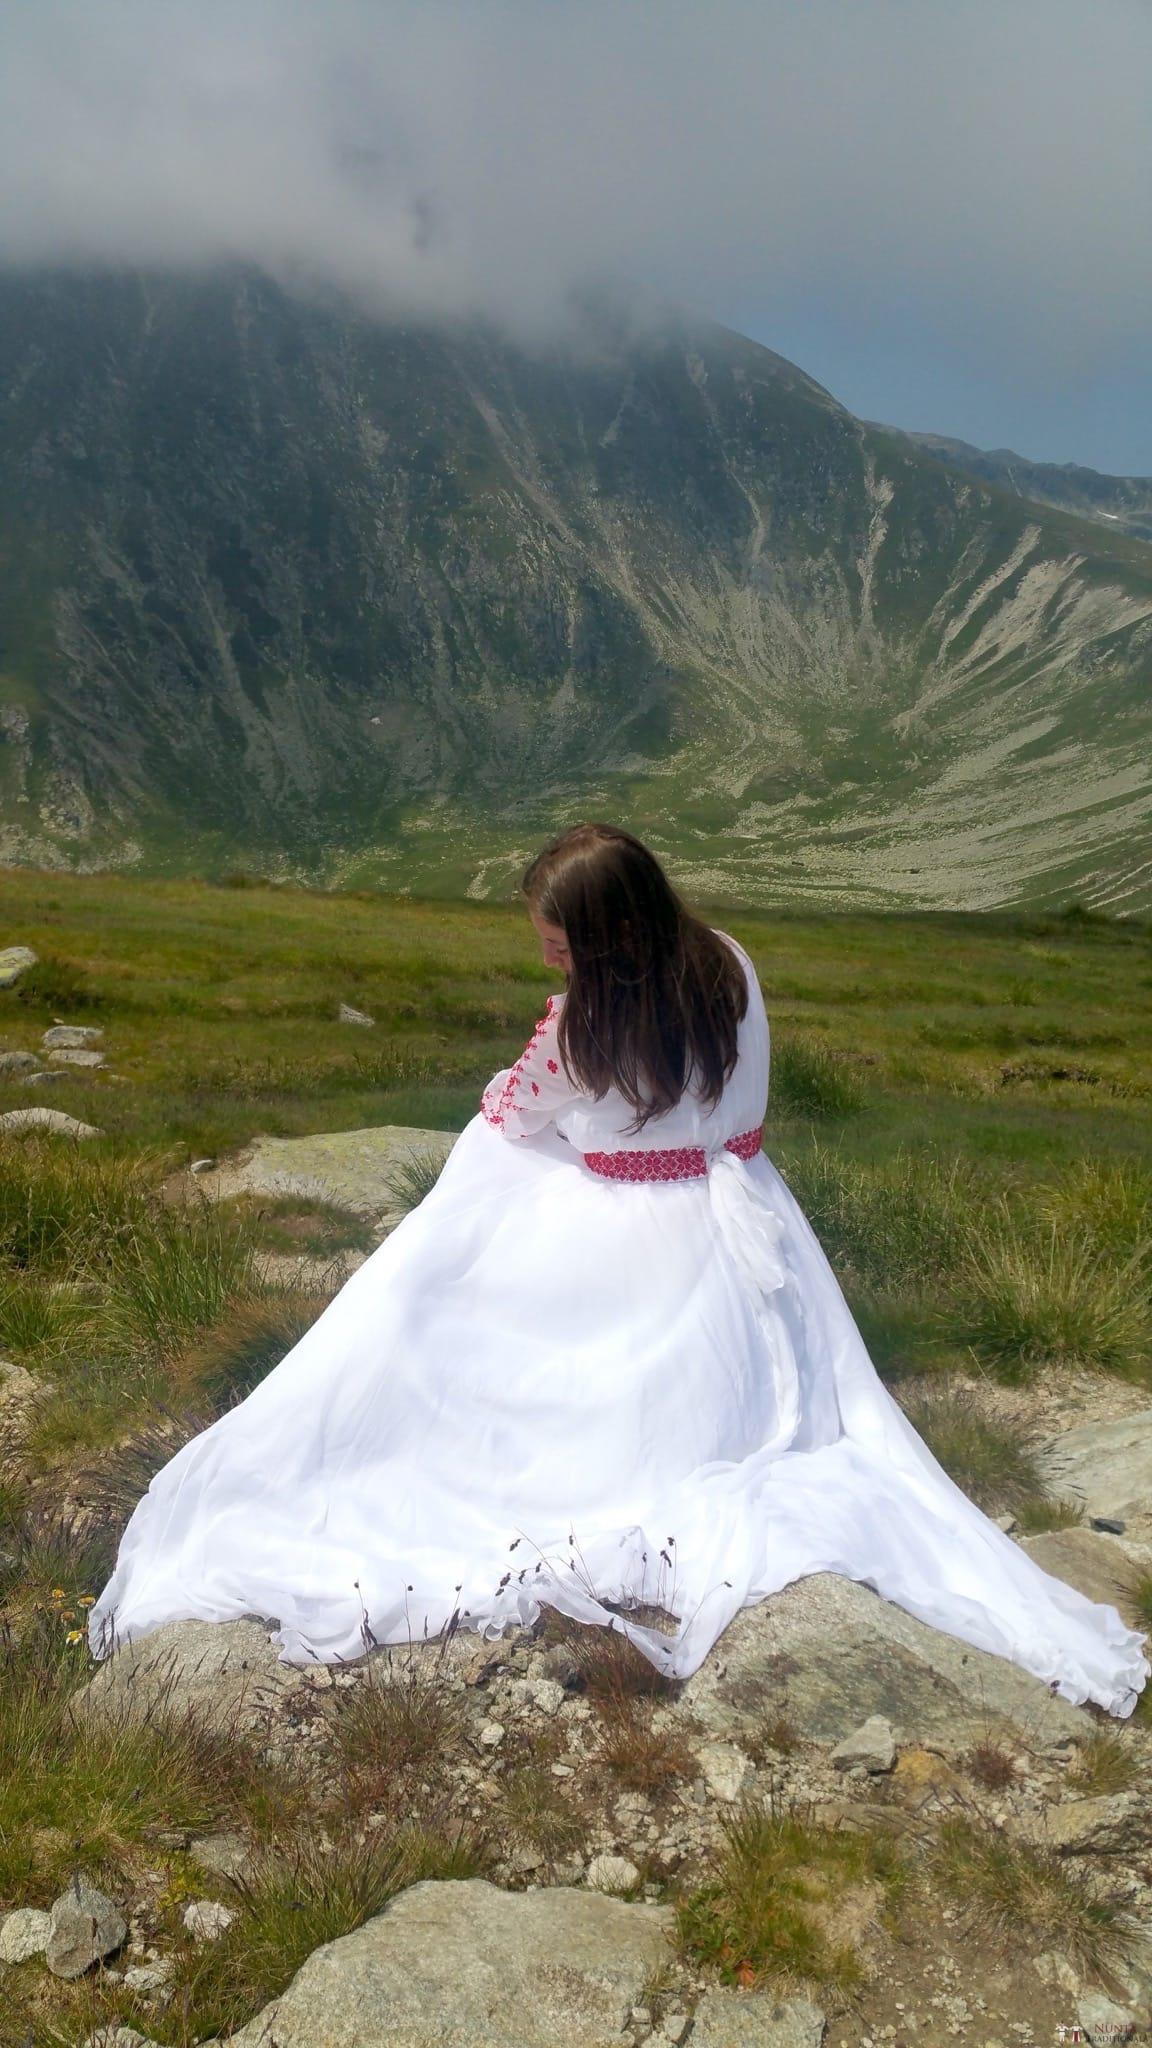 Povești Nunți Tradiționale - George Gabriel și Alexandra Buzatu, nuntă tradițională în Strejnicu, Prahova 4